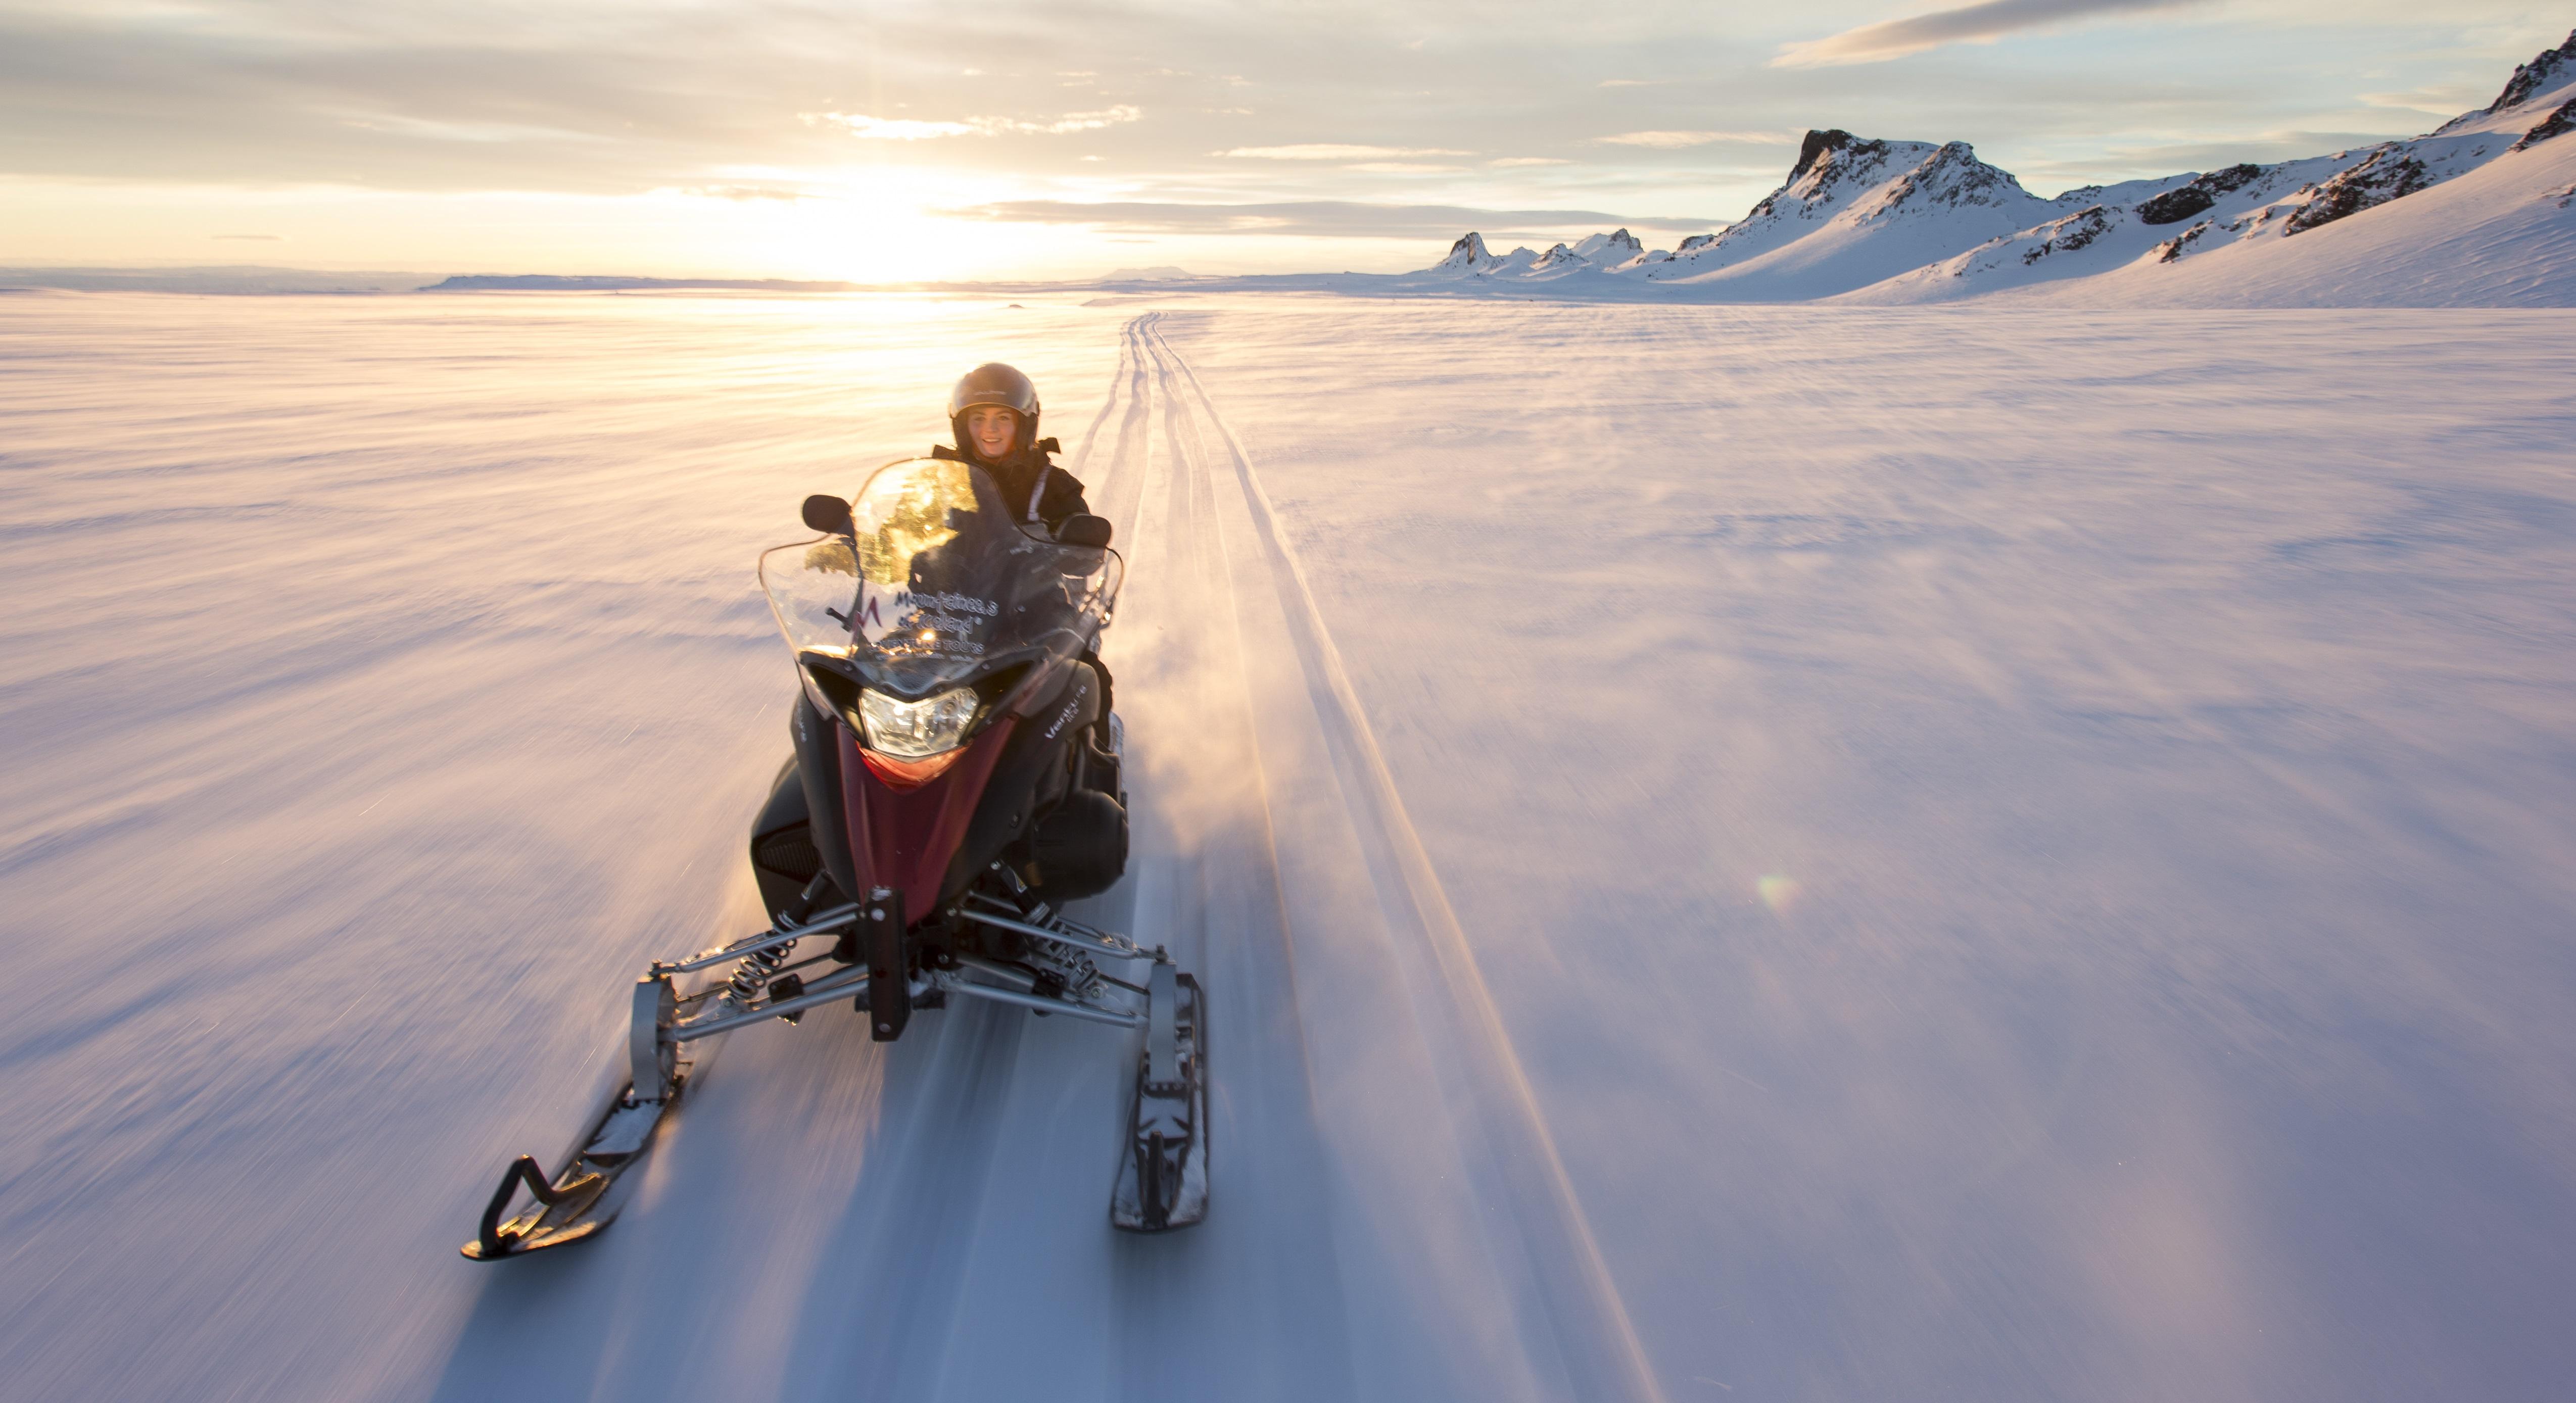 Wybierz się na wycieczkę skuterami śnieżnymi po lodowcu Langjokull